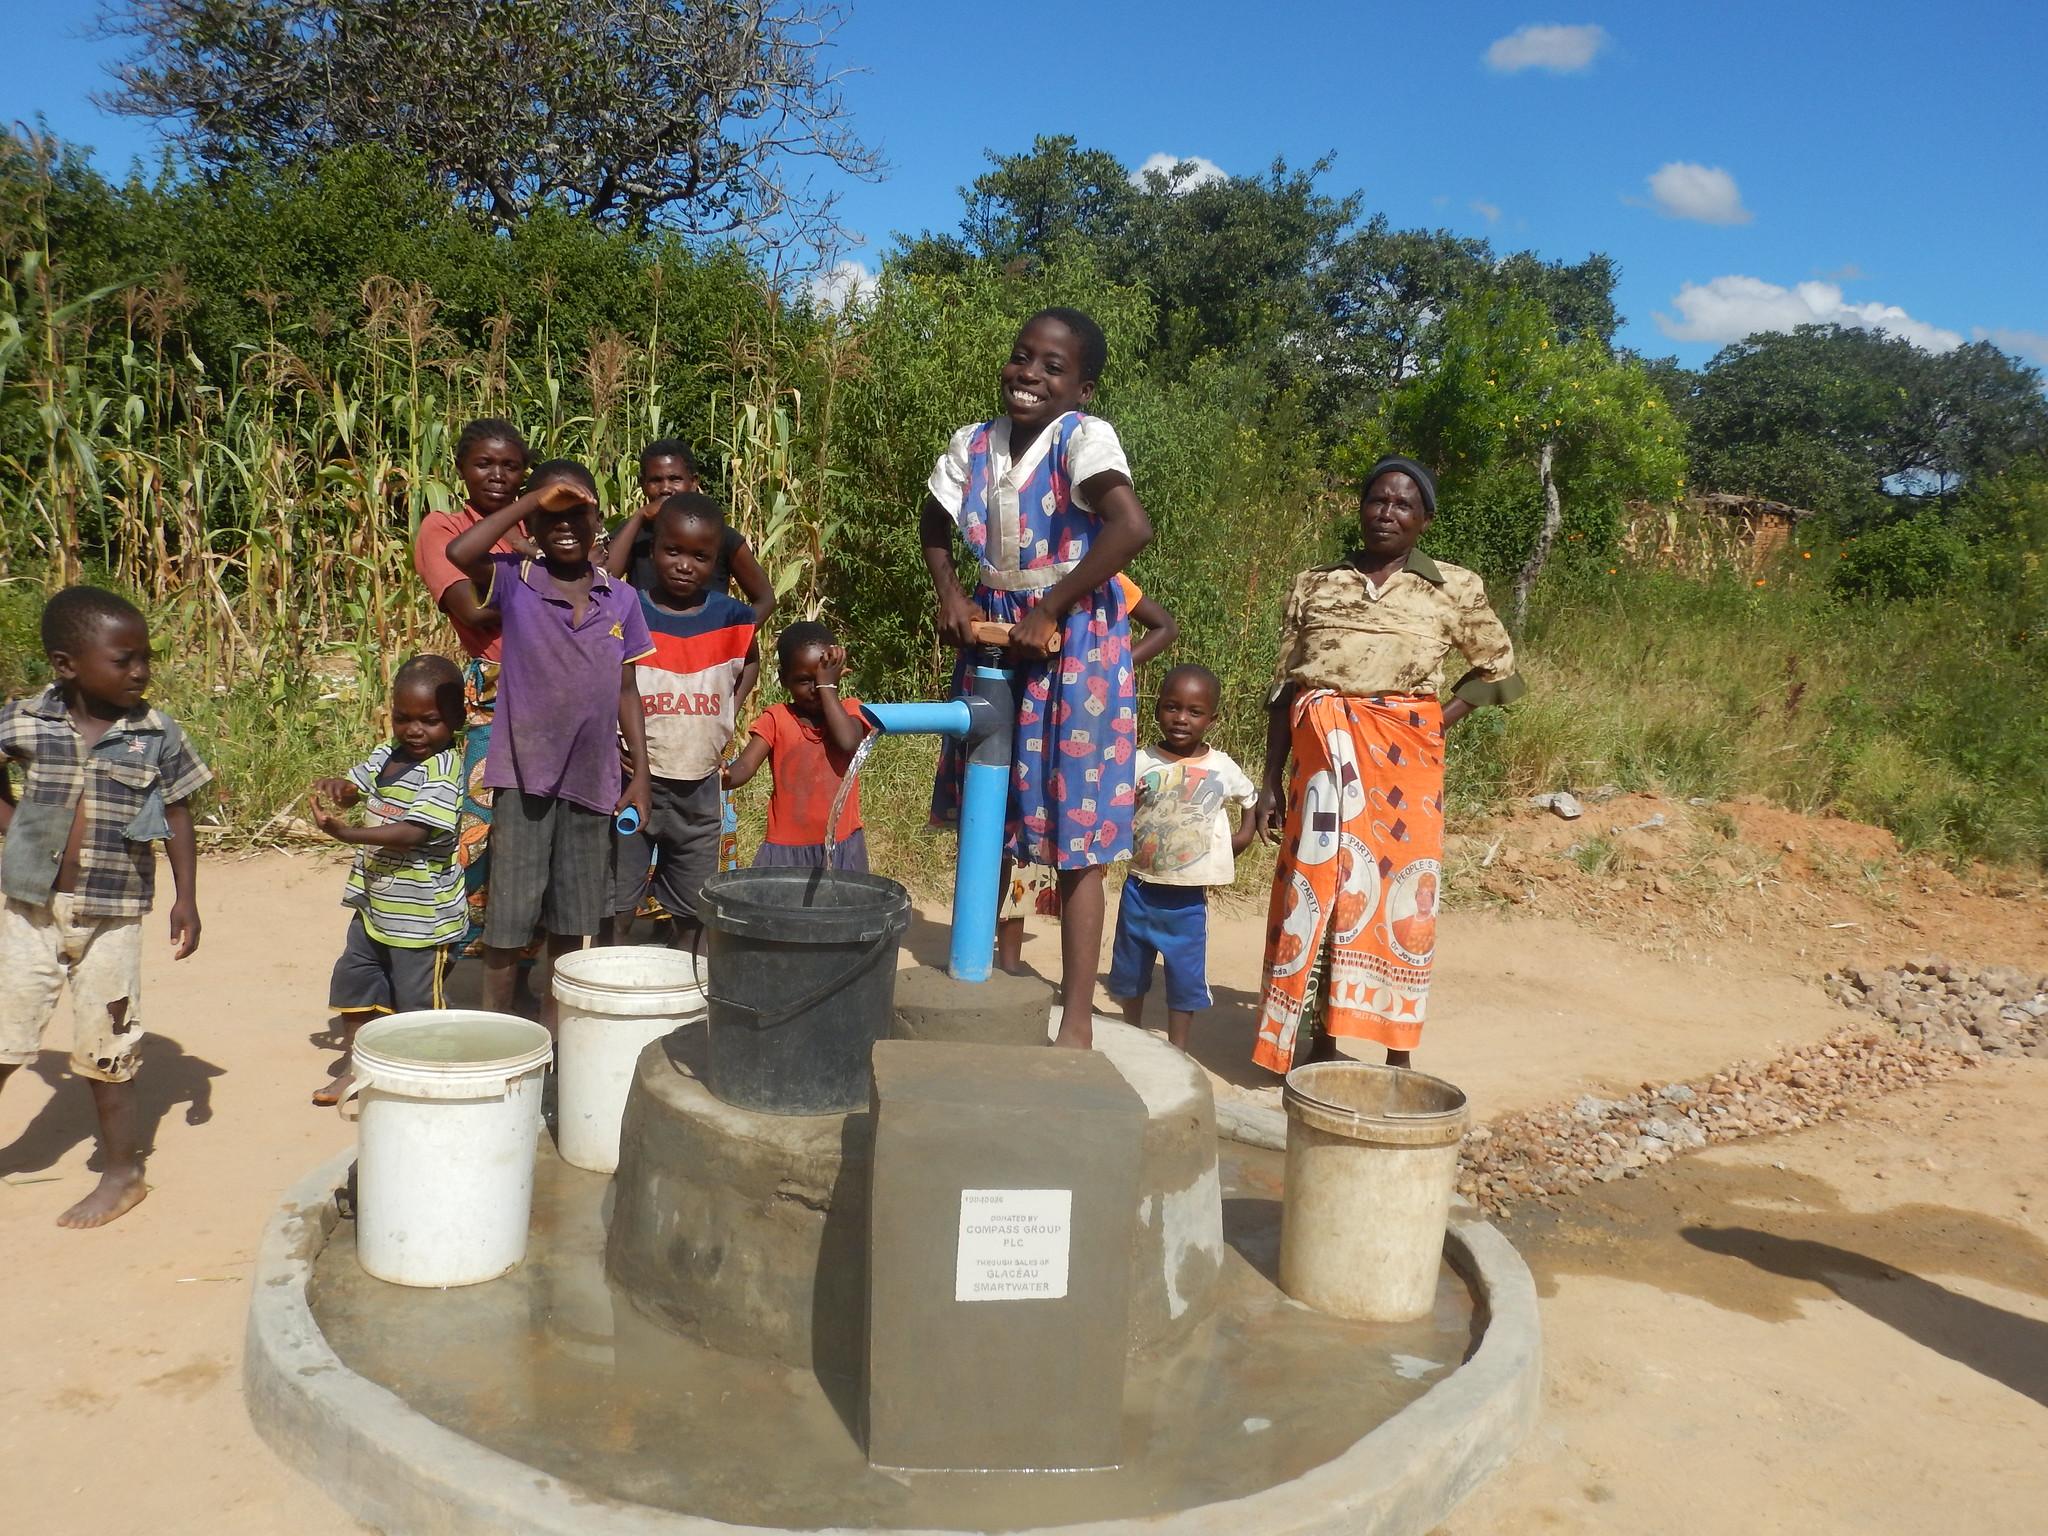 Kaluka Mwandira